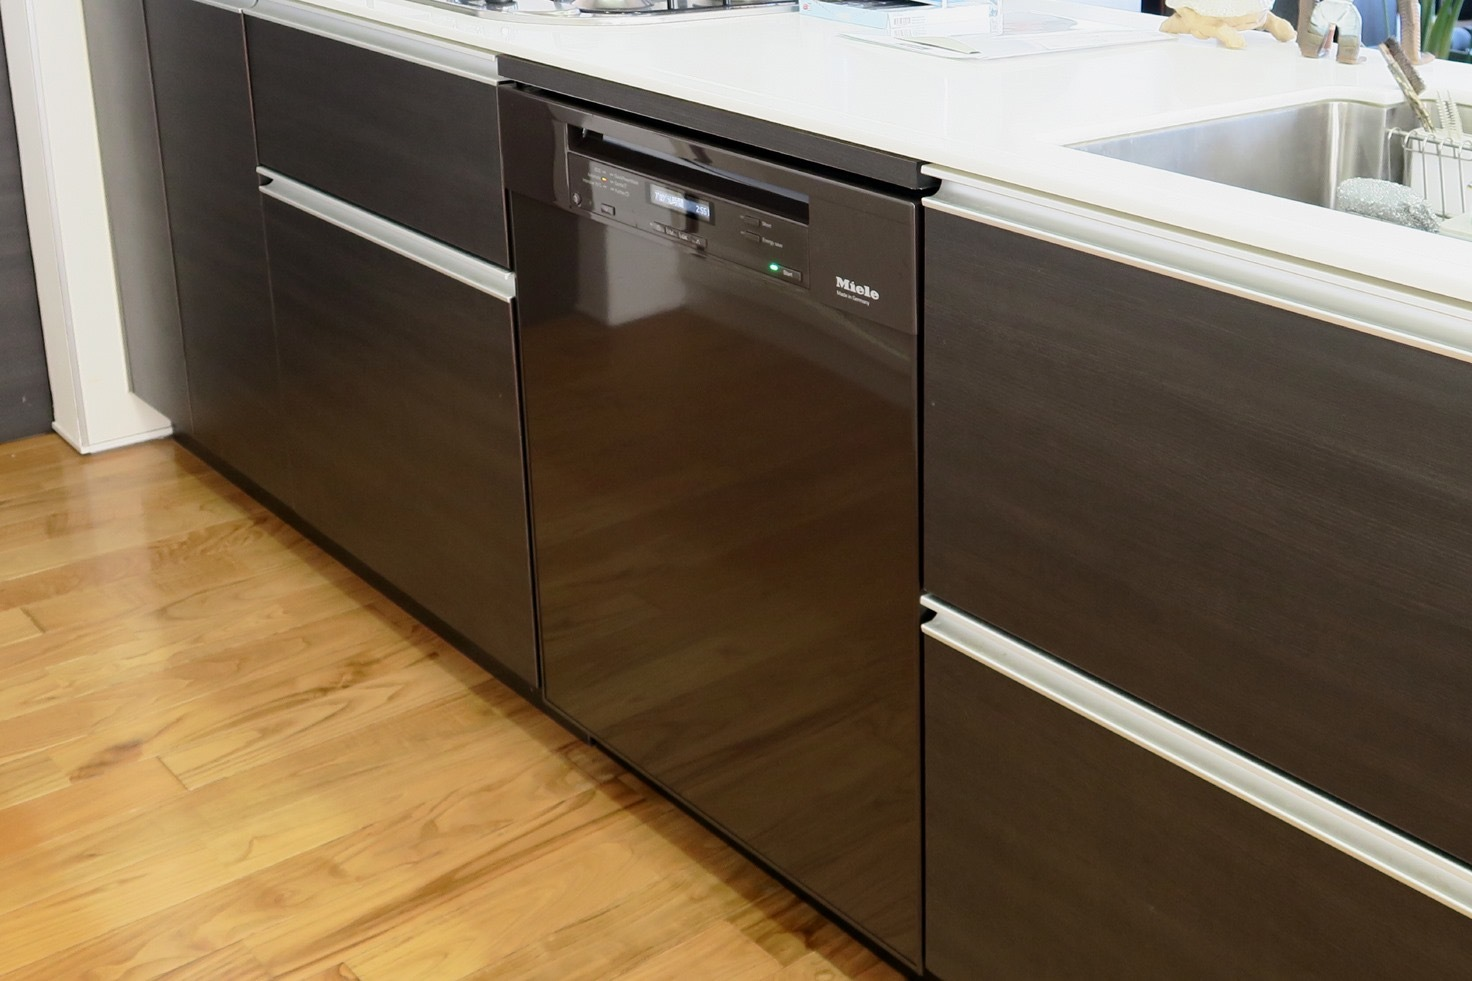 ミーレの食洗機で自由な時間を捻出。★リフォーム事例_c0156359_19114249.jpg